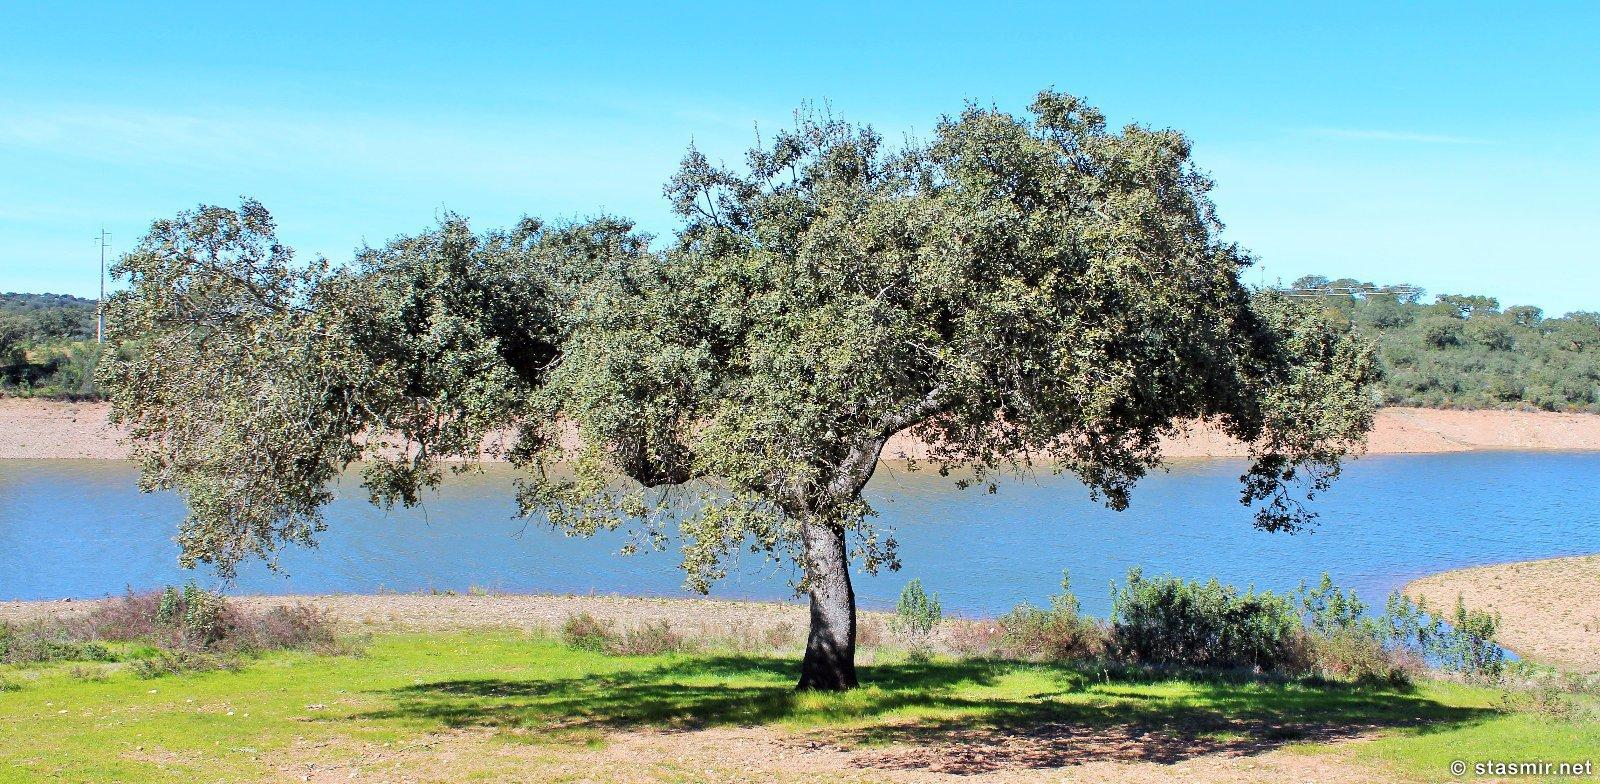 пробковый дуб или sobreiro где-то в провинции Алентежу в Португалии, фото Стасмир, photo Stasmir